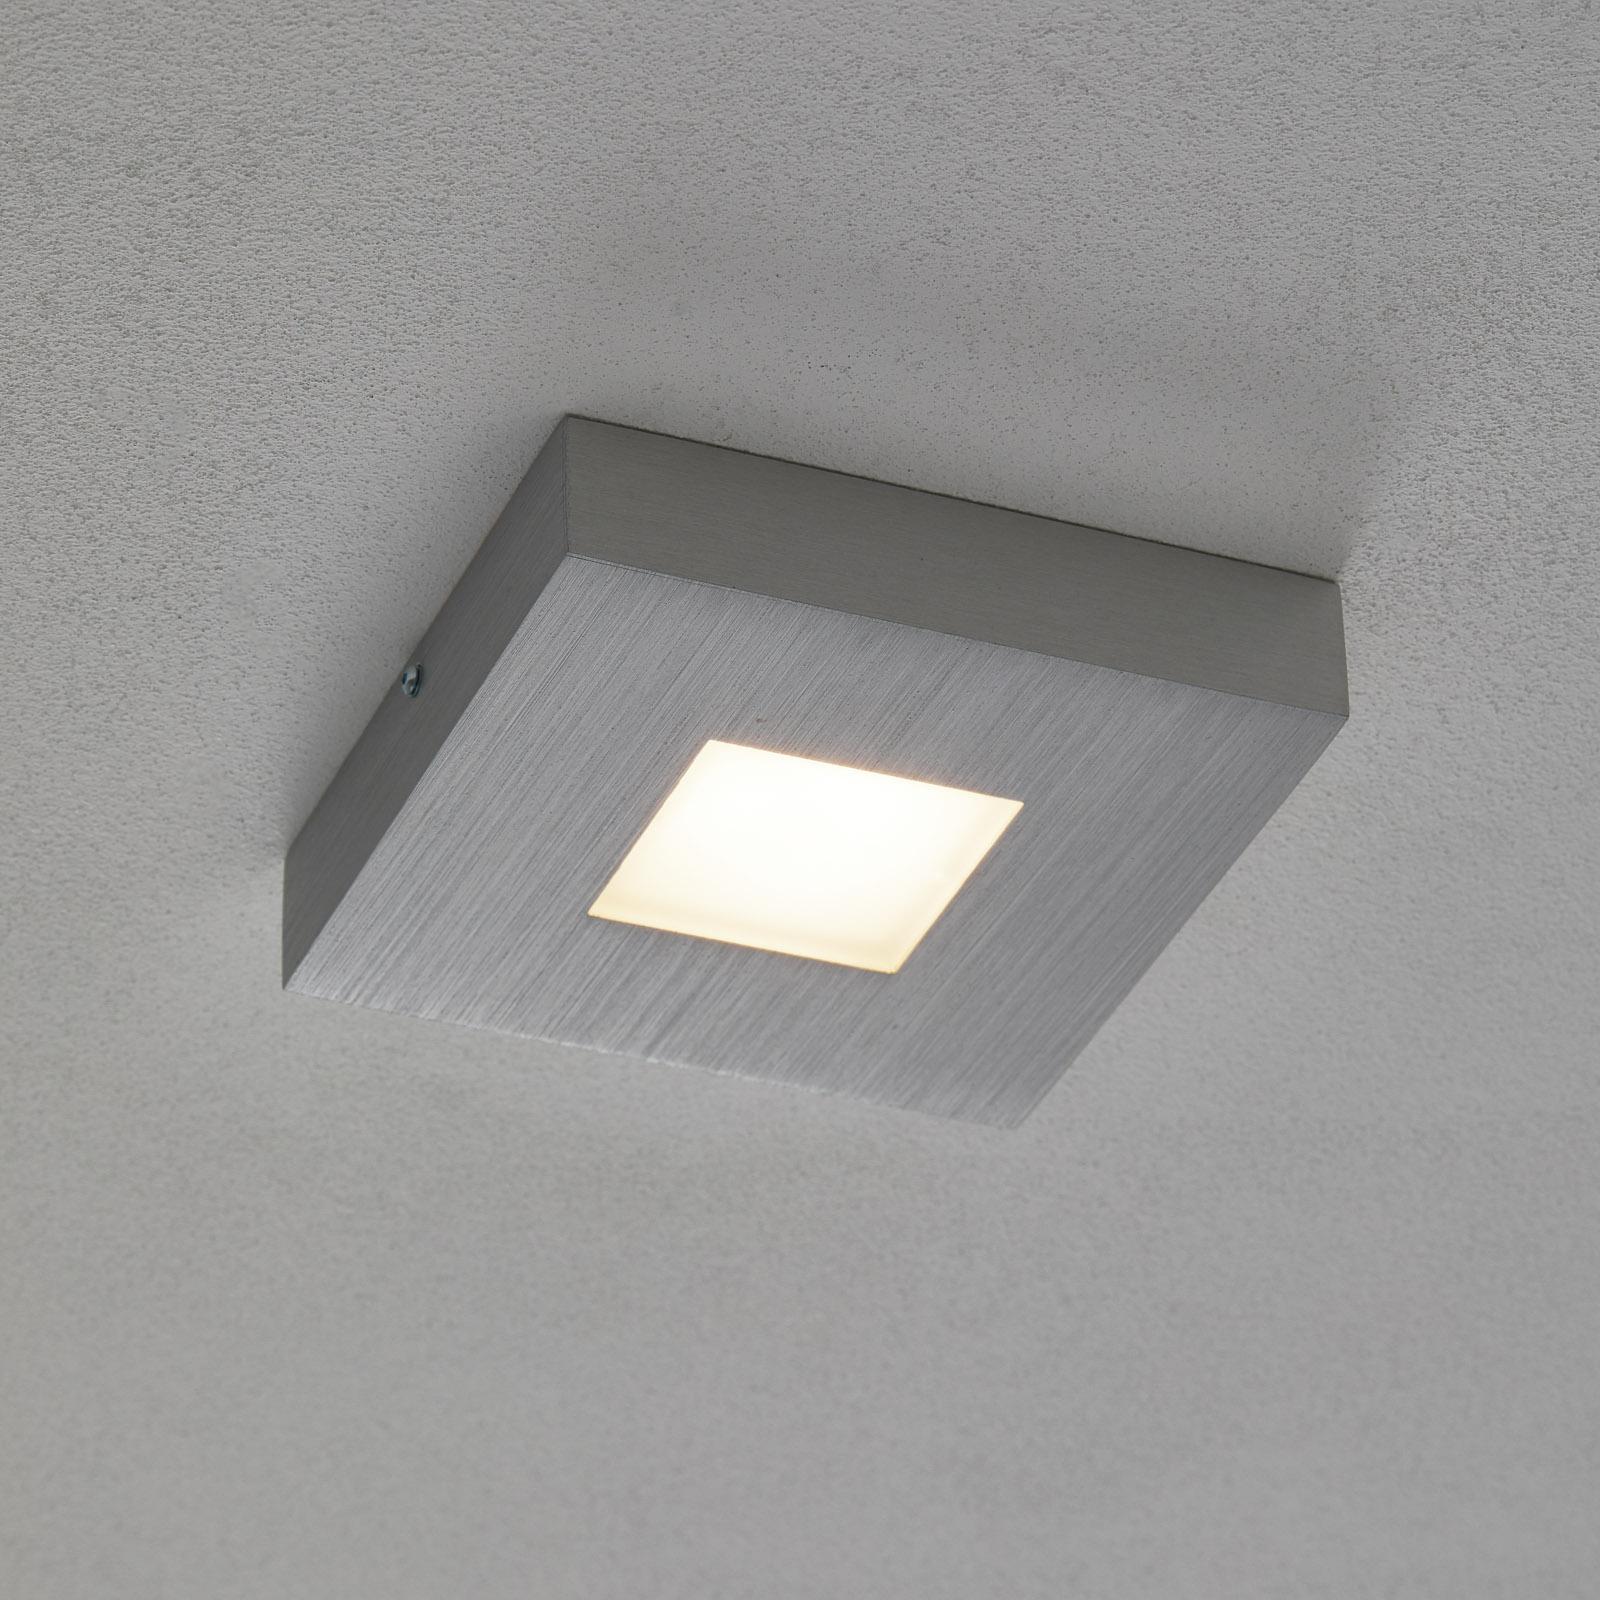 Cubus - vierkante LED-plafondlamp, dimbaar